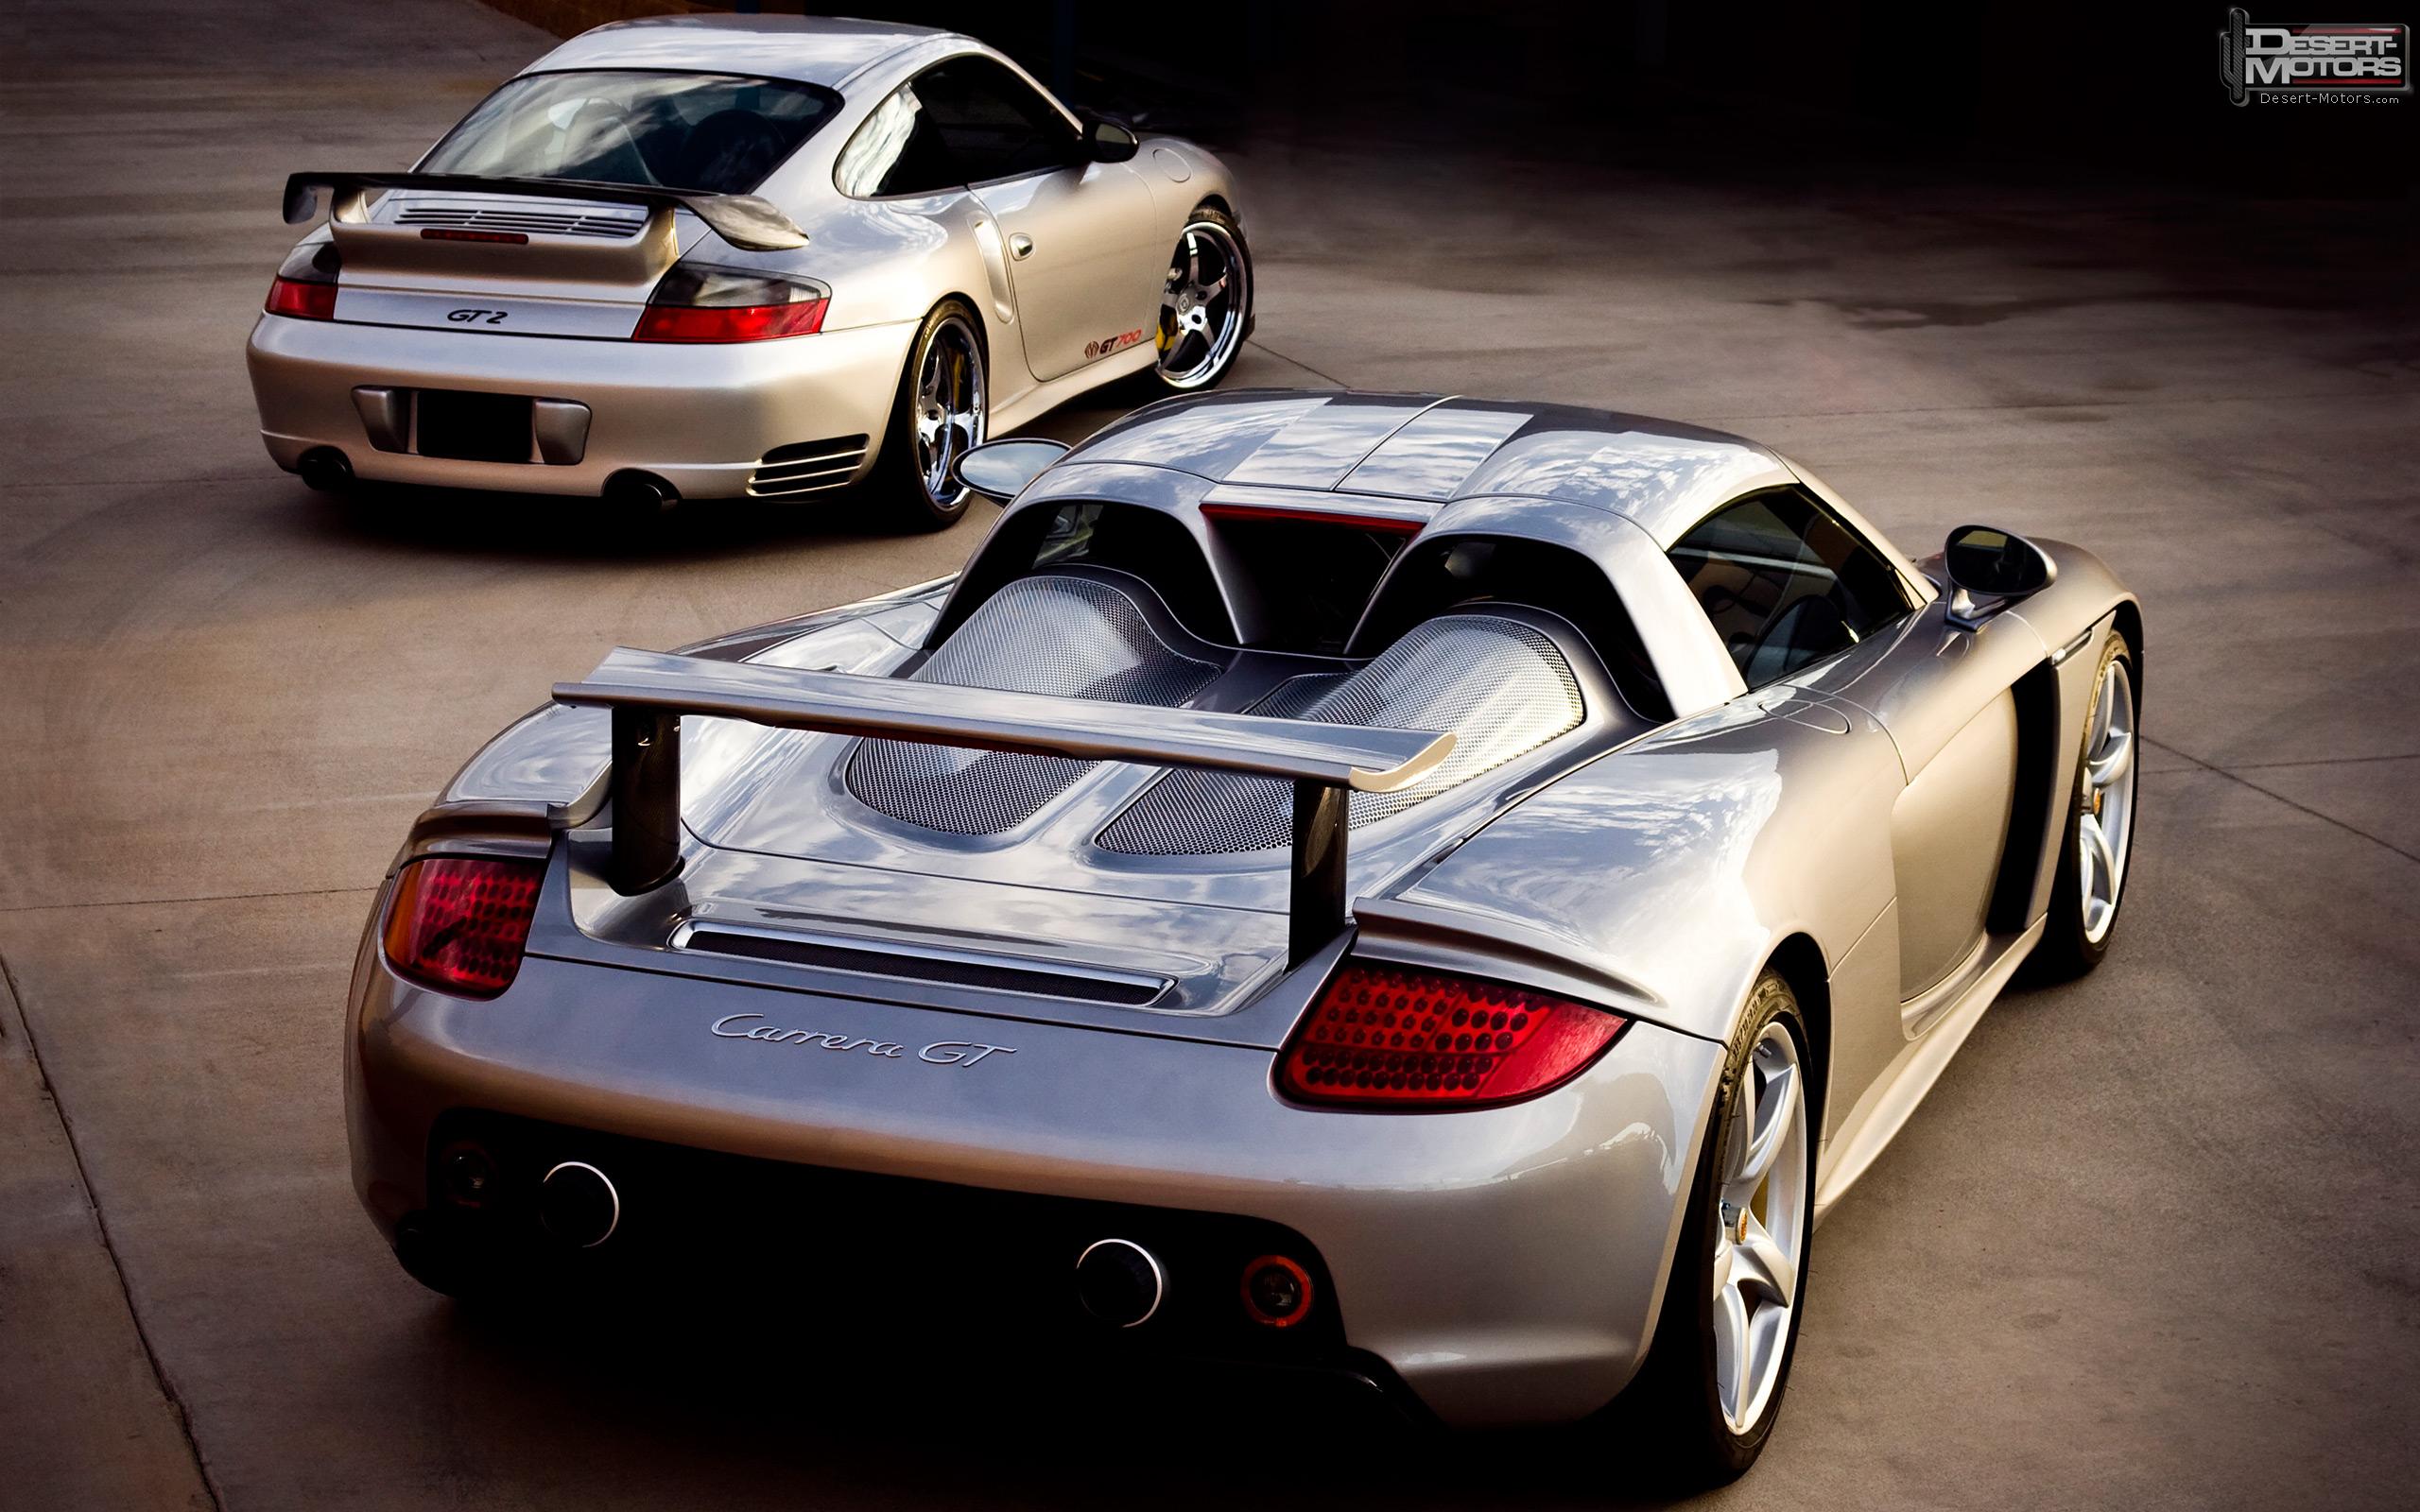 cars sports vehicles porsche carrera gt porsche 911 gt2 porsche 911 996 gt2 wallpaper. Black Bedroom Furniture Sets. Home Design Ideas